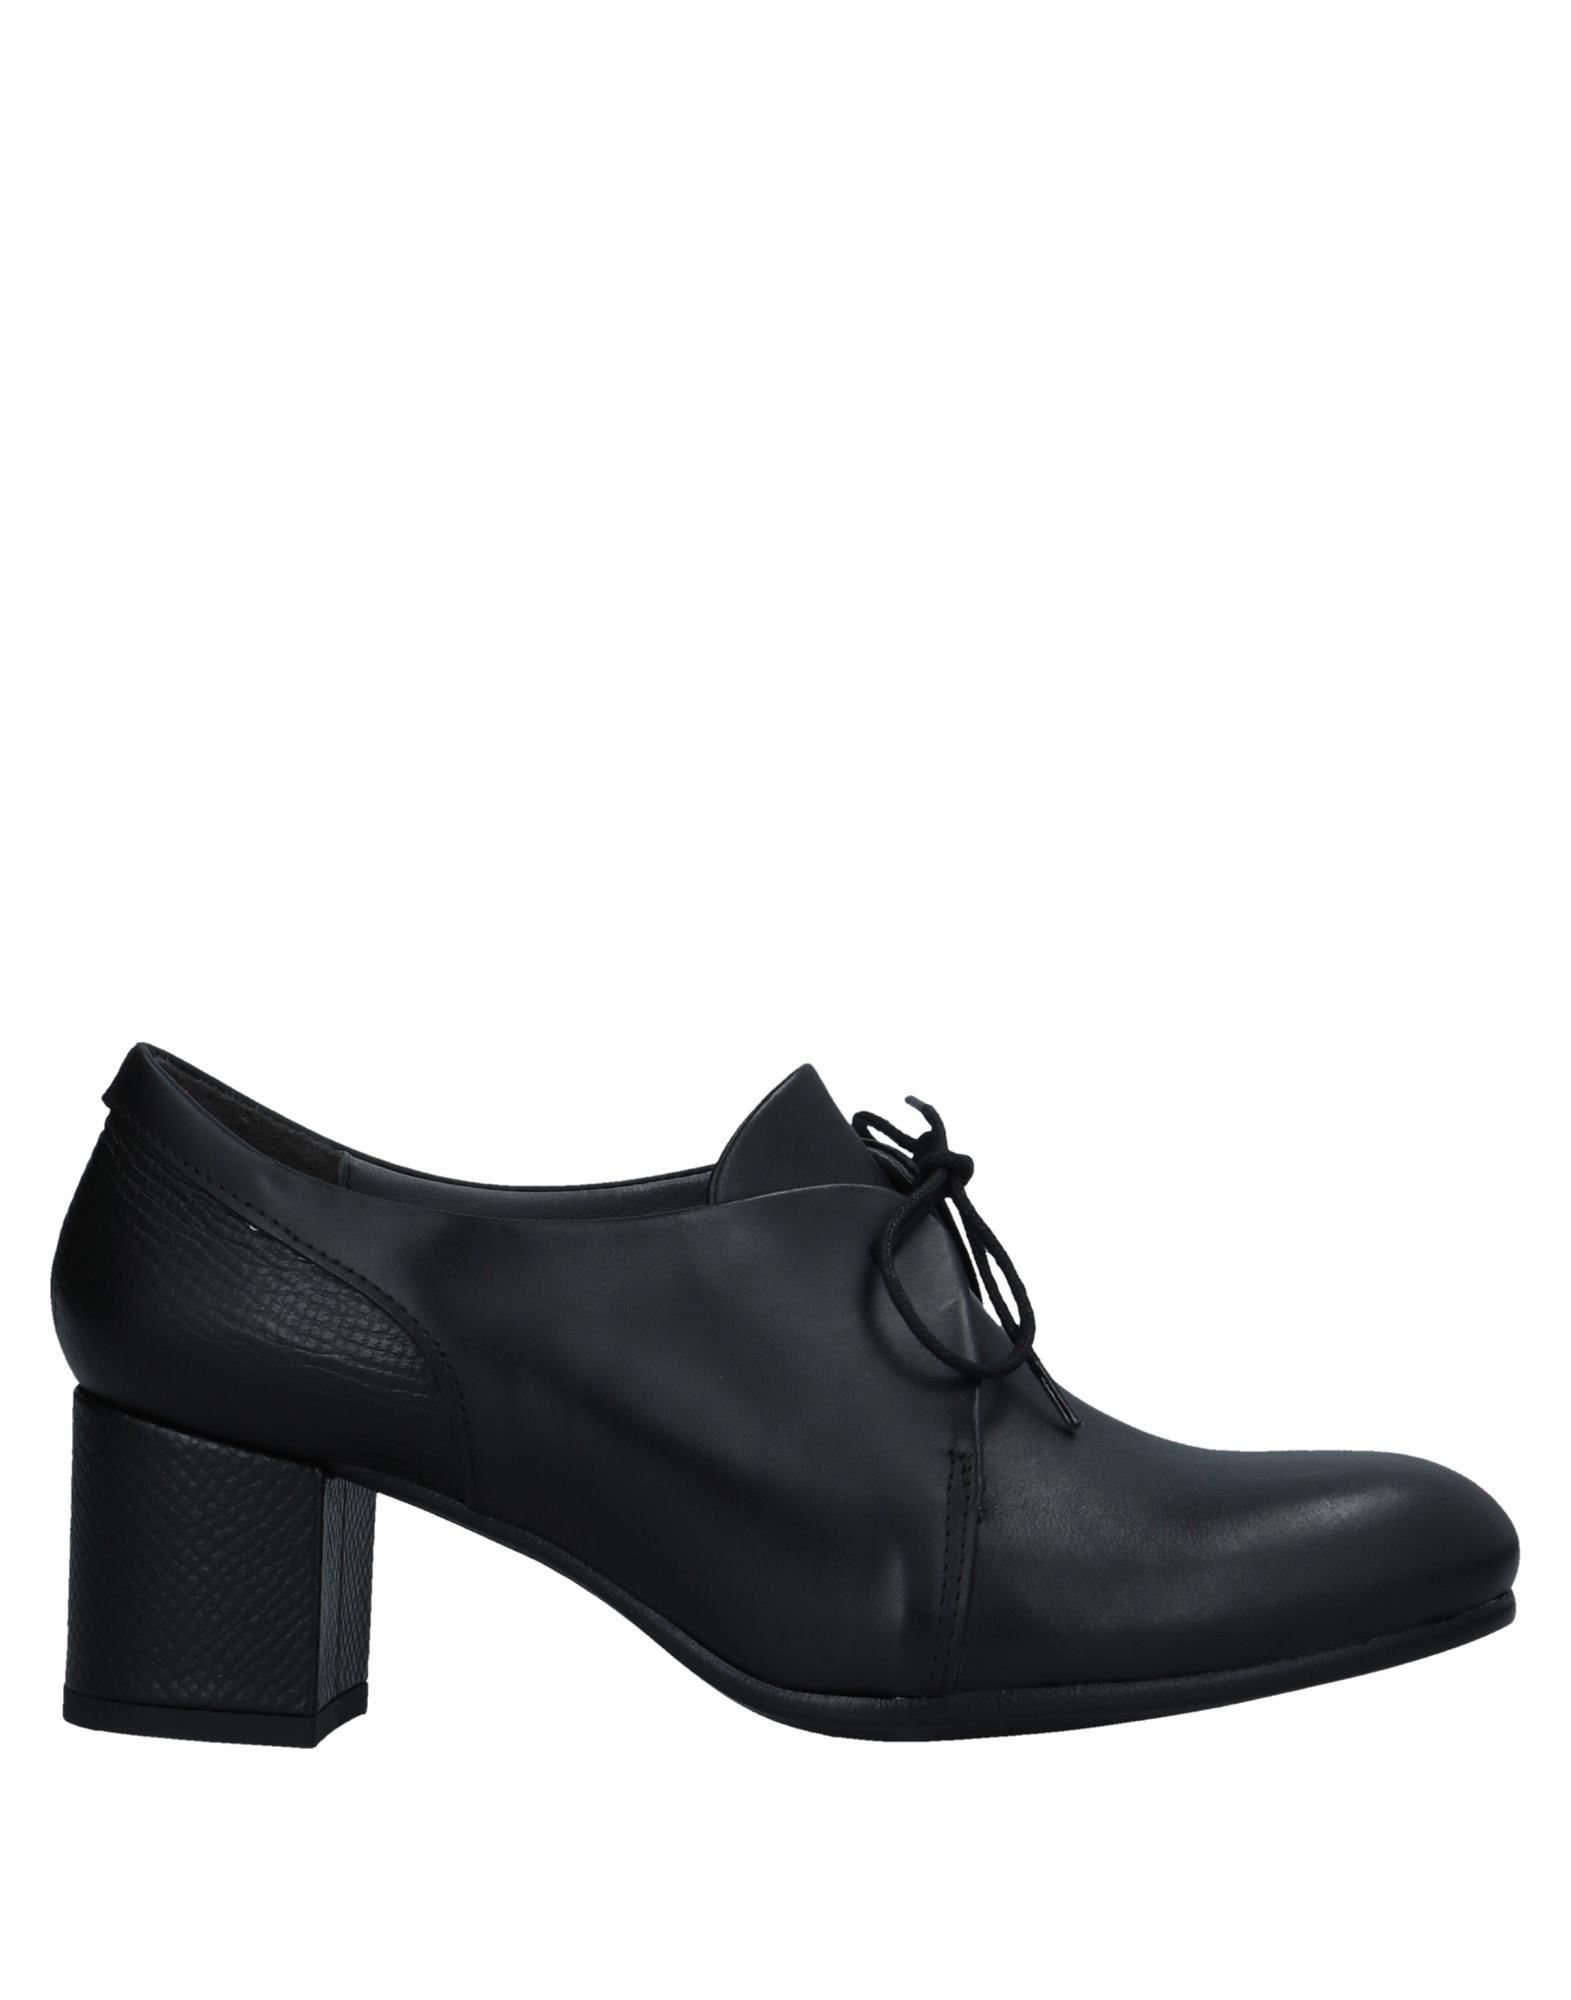 Lilimill Schnürschuhe Damen  11523758TL Gute Qualität beliebte Schuhe